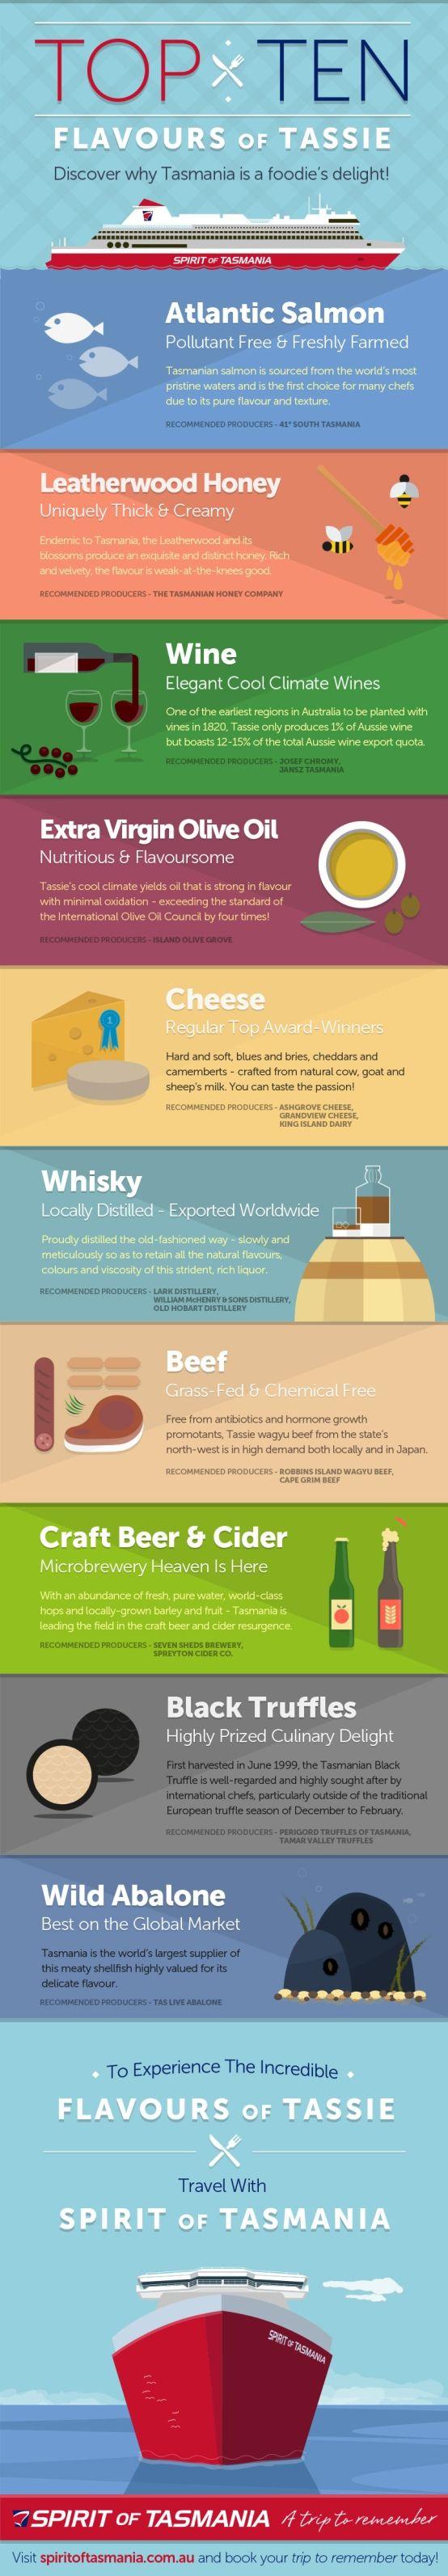 Top Ten Flavours of Tassie #spiritoftasmania